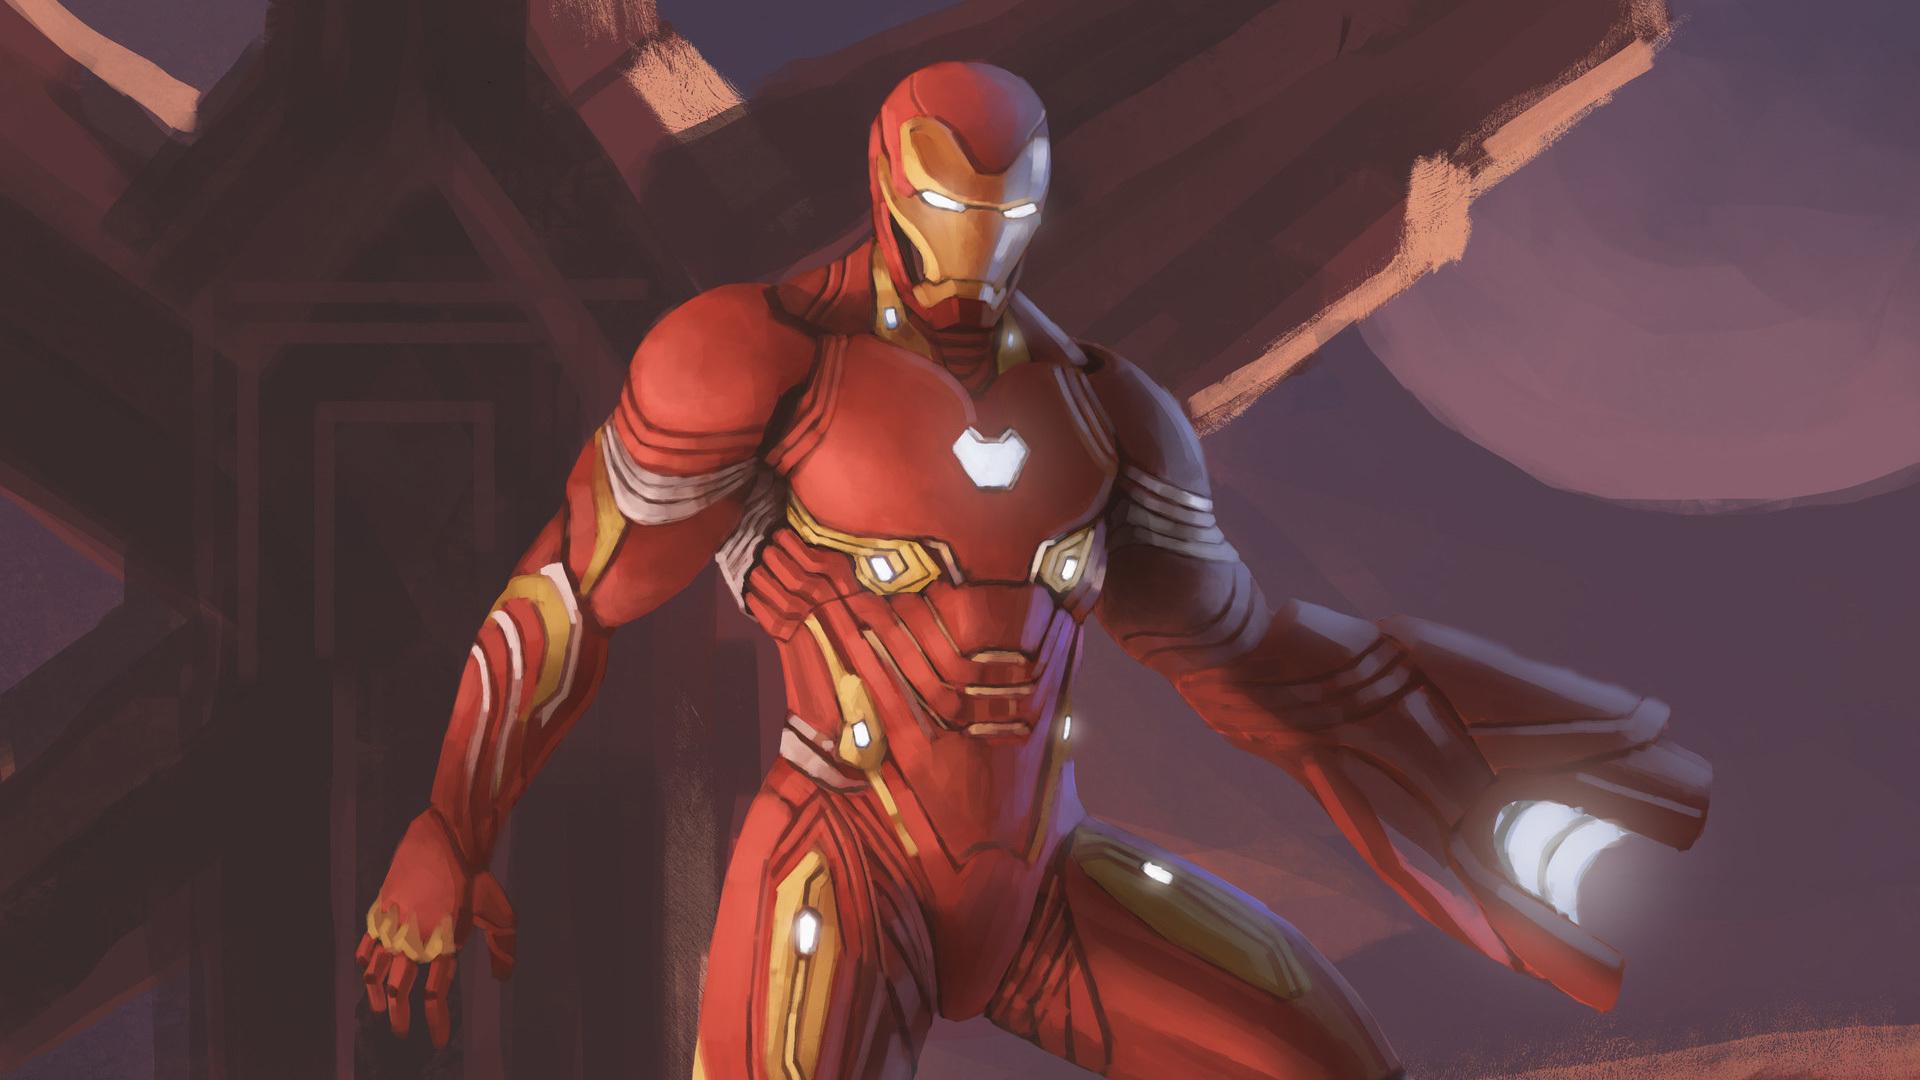 1920x1080 Iron Man Nanosuit In Avengers Infinity War Laptop